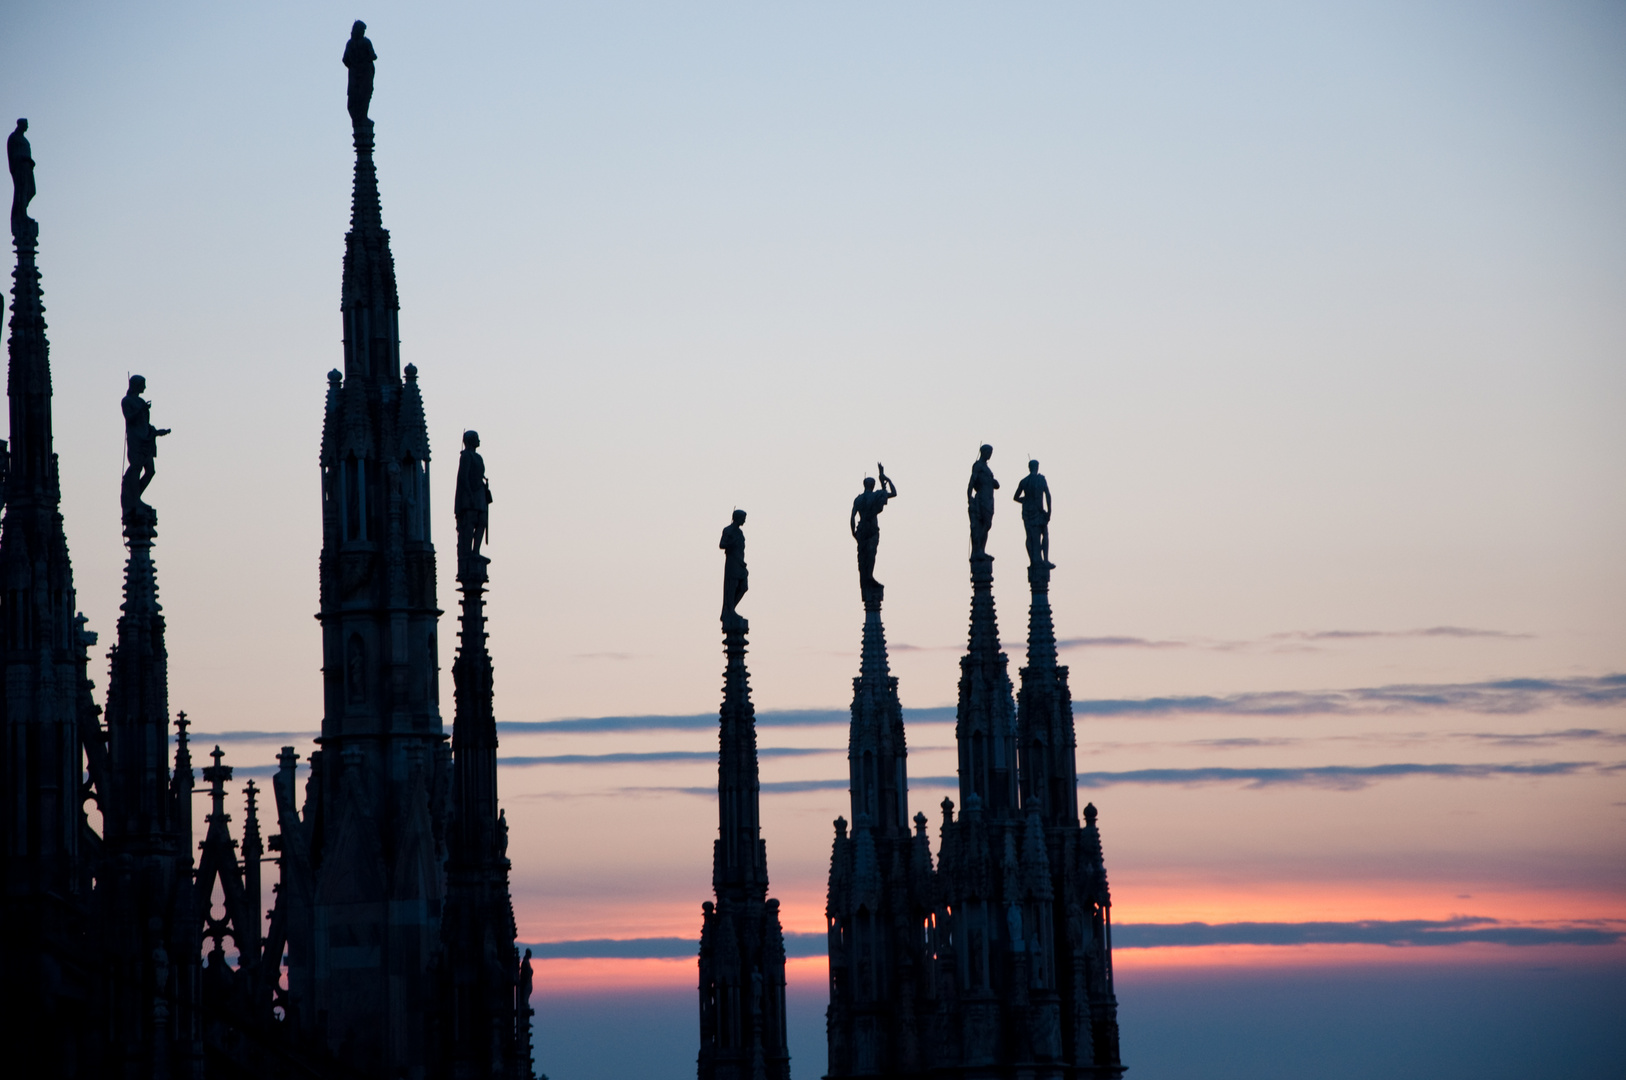 Sundawn at Duomo di Milano